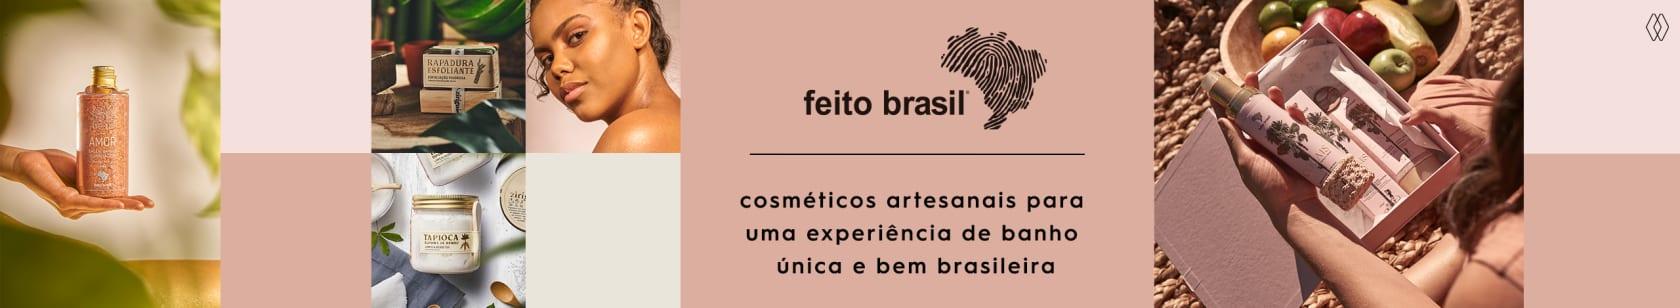 FEITO BRASIL | AMARO